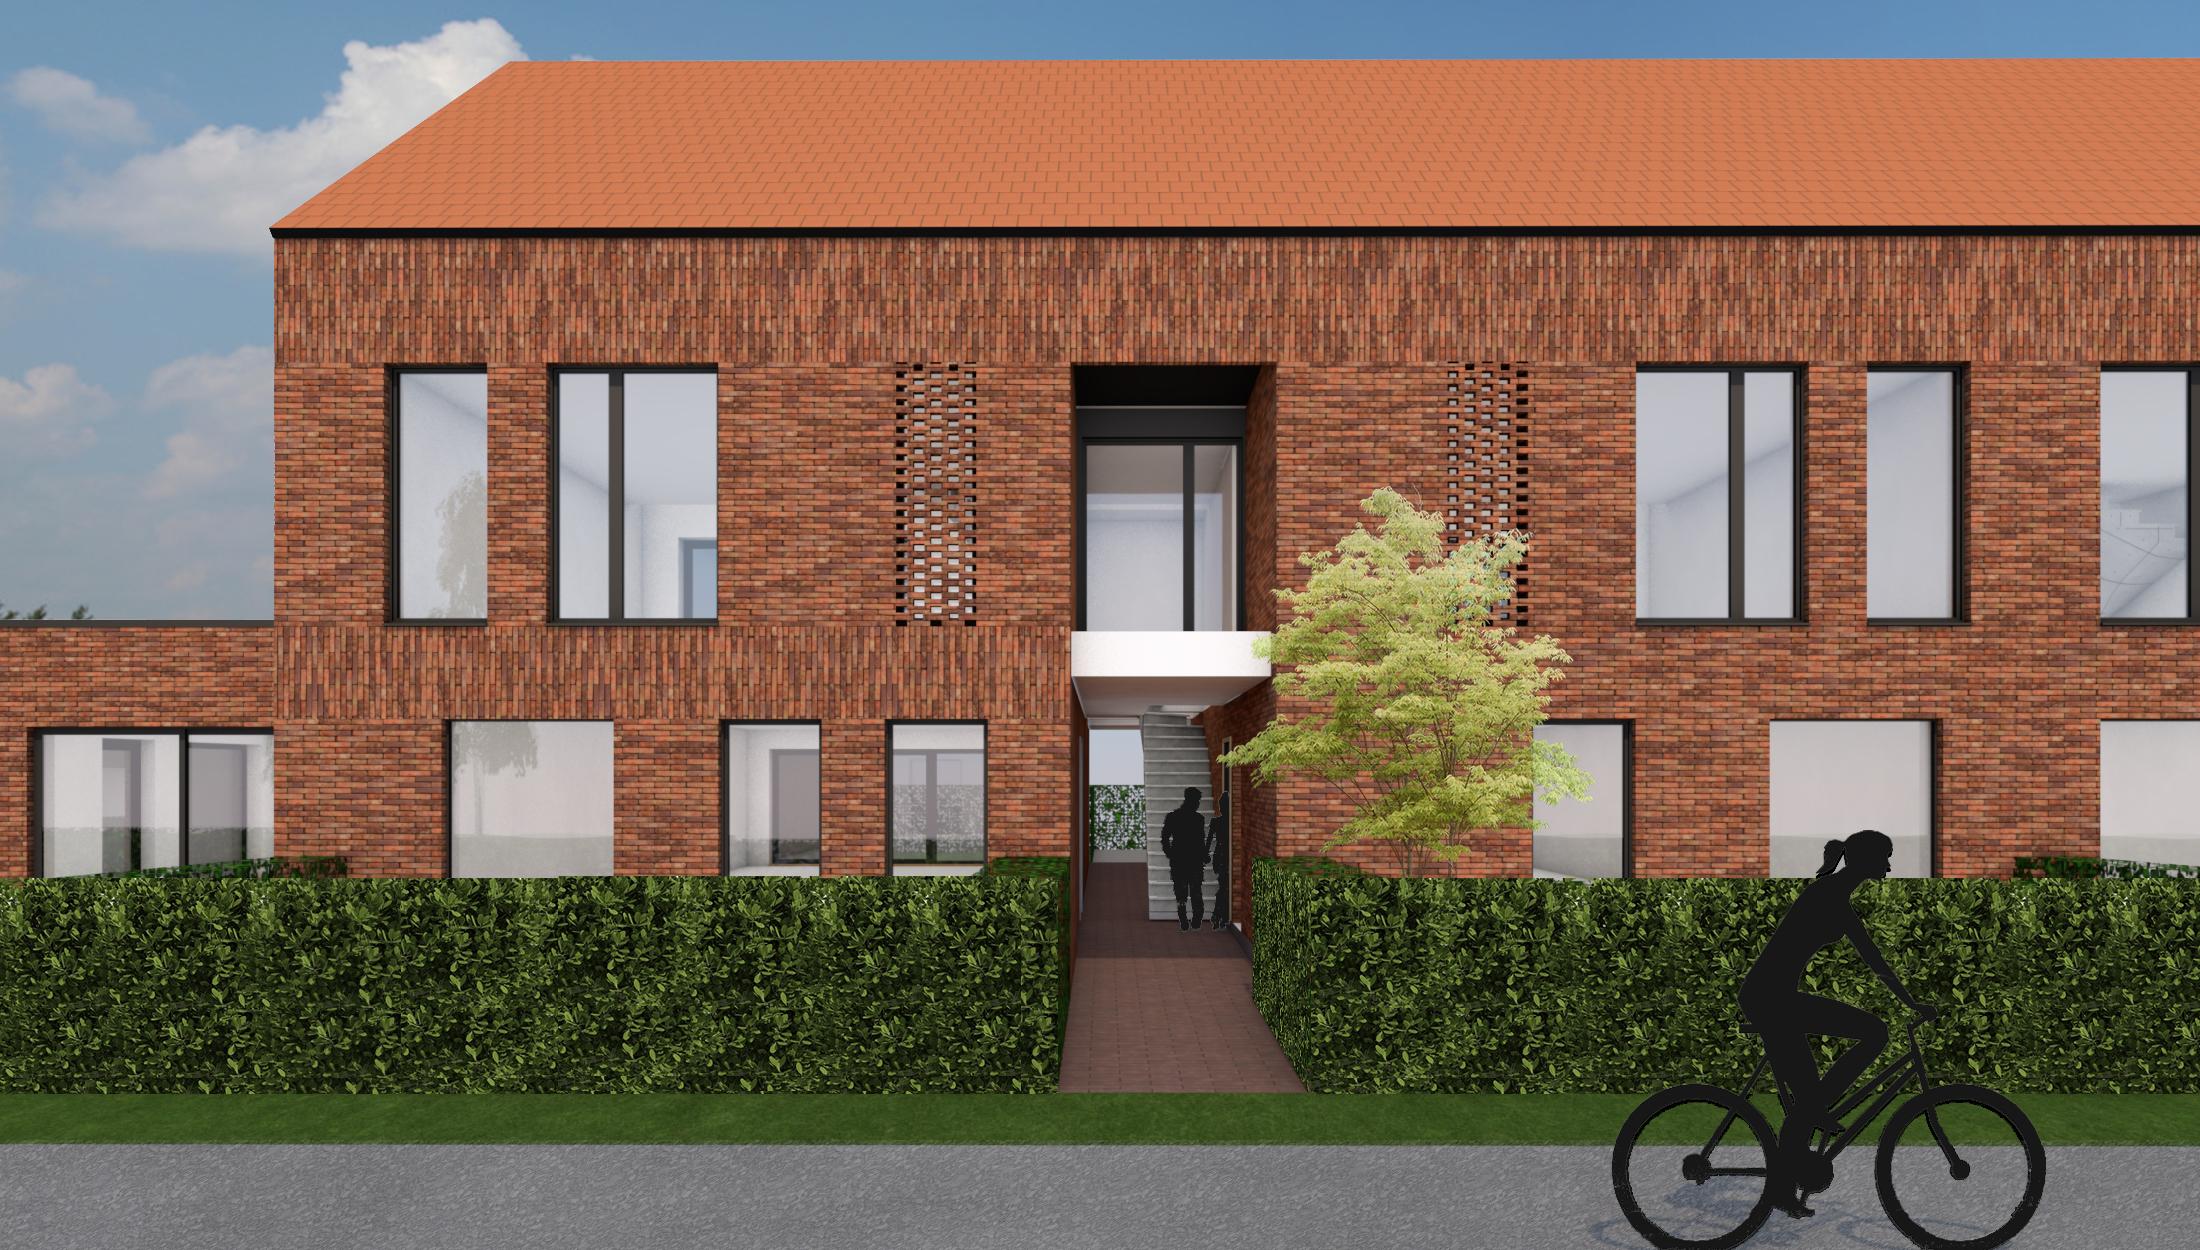 Appartementen Pelt architect Limburg